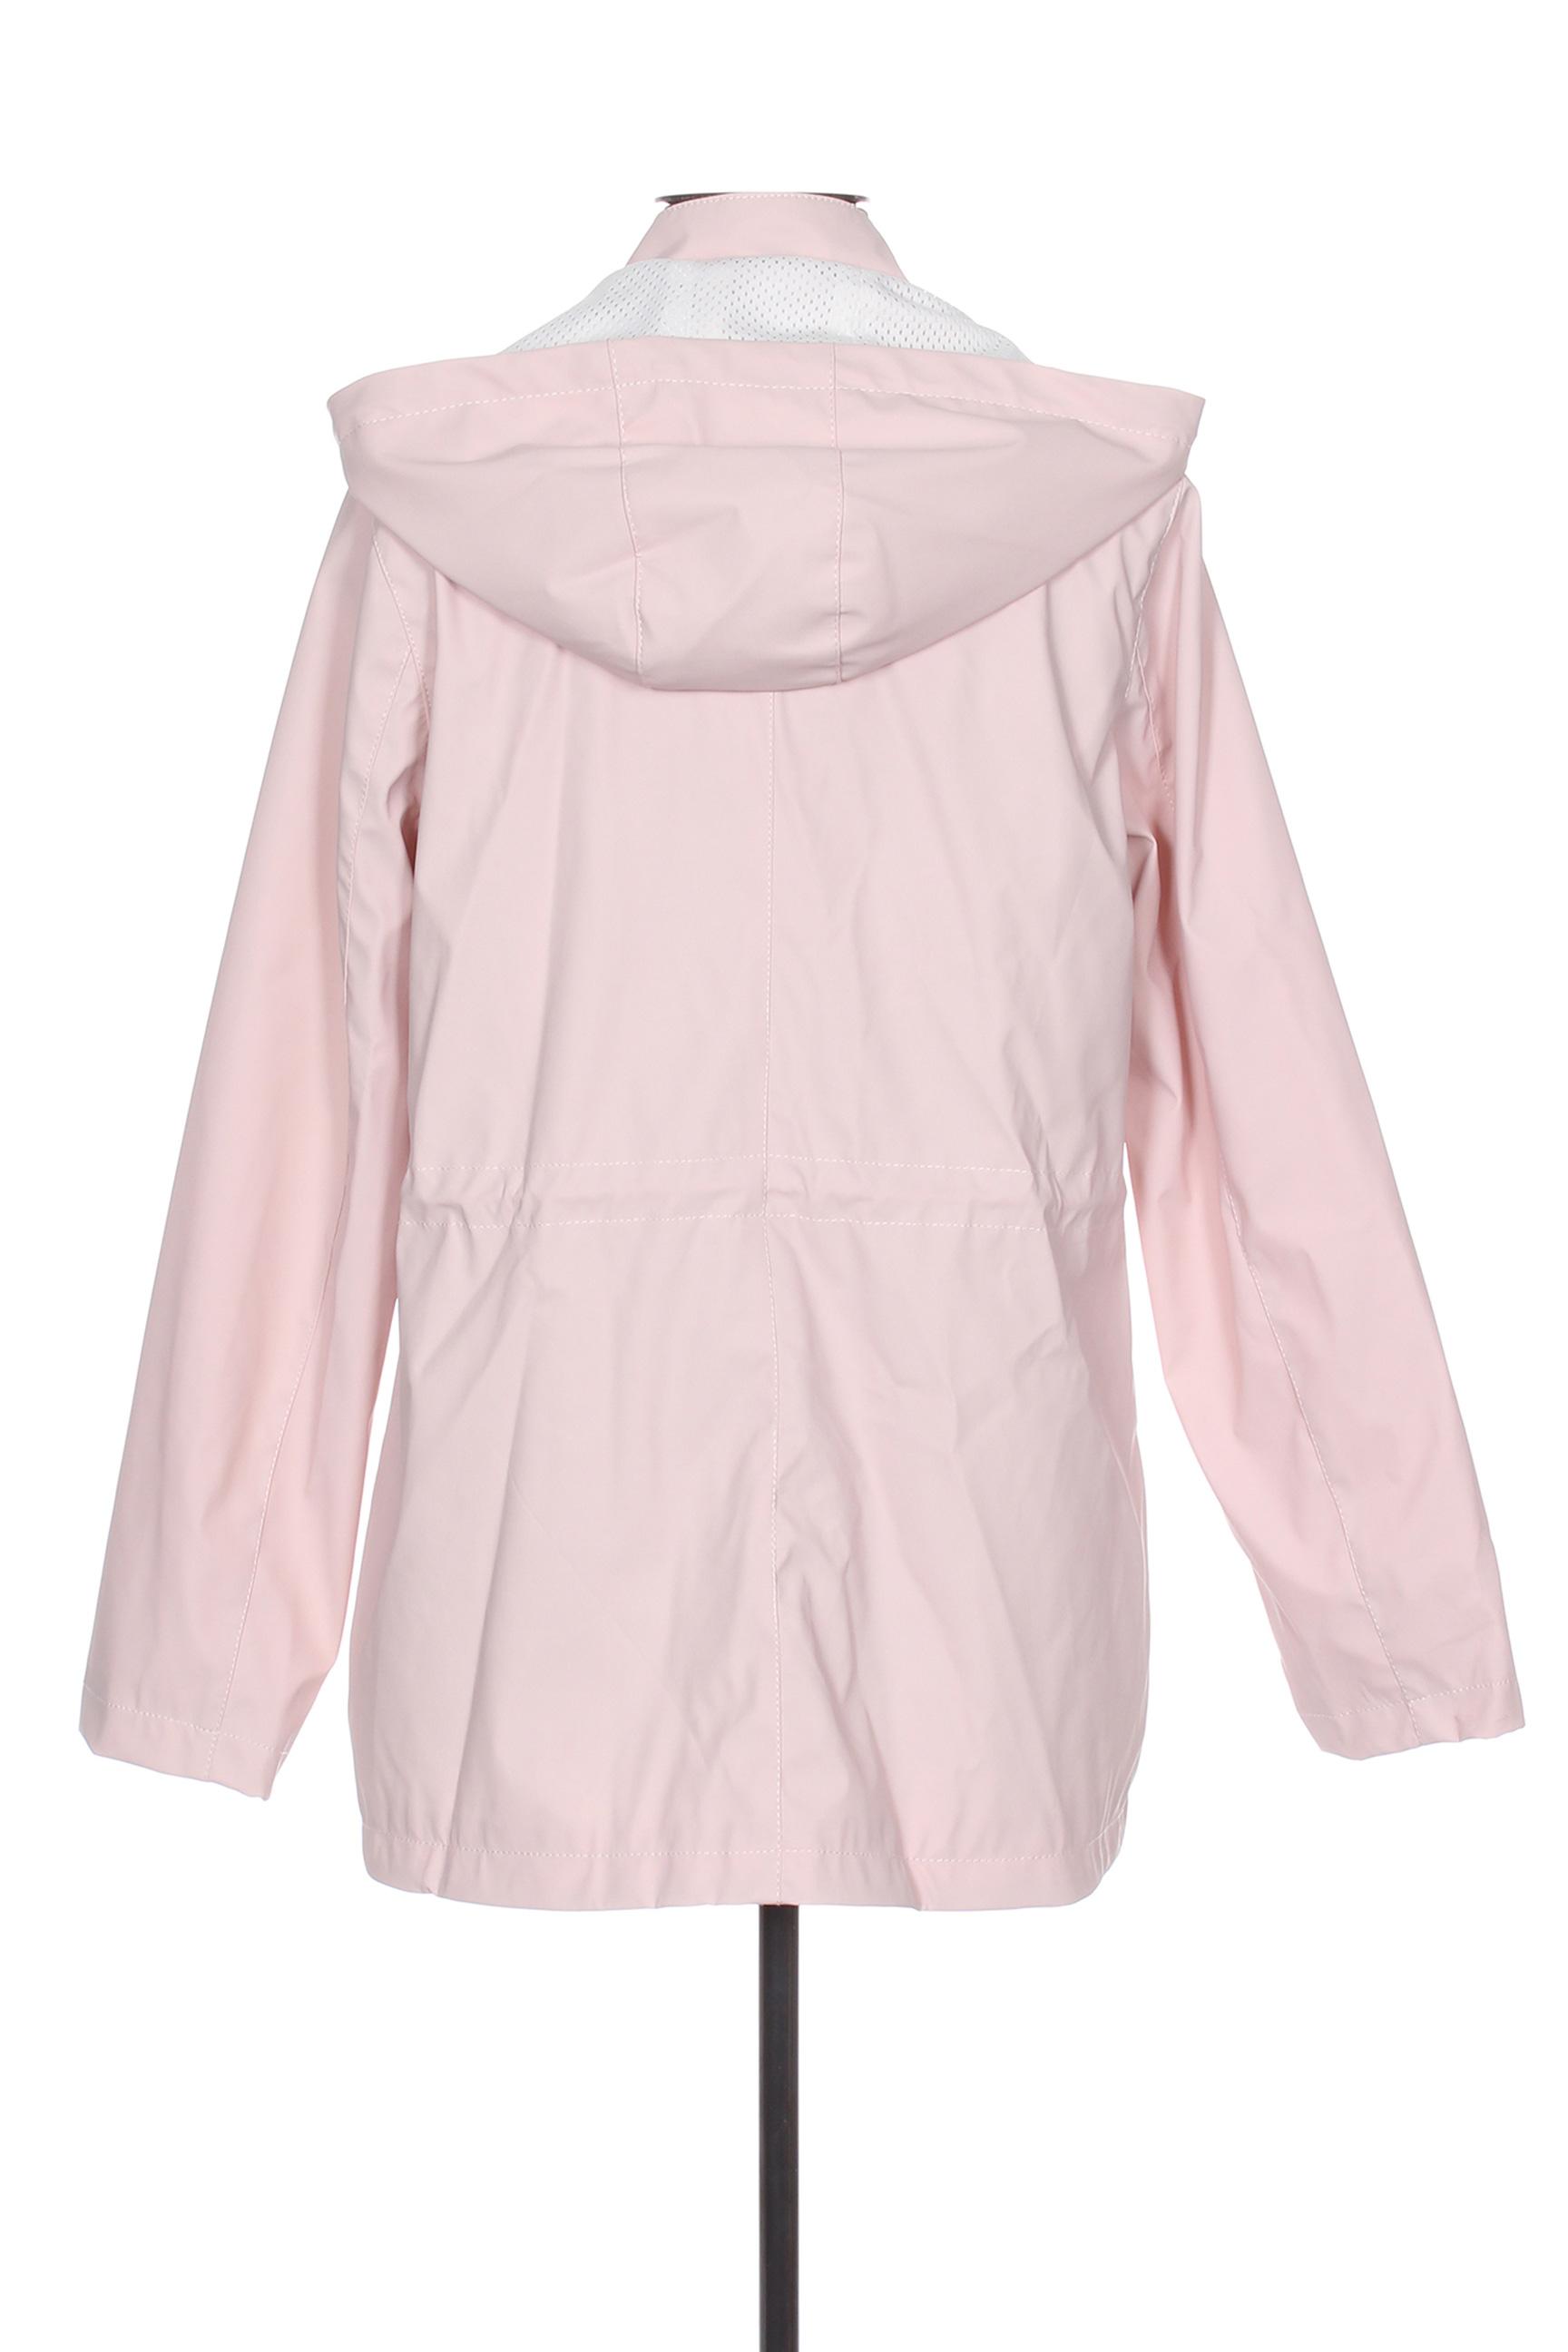 Escandelle Impermeables Trenchs Femme De Couleur Rose En Soldes Pas Cher 1363338-rose00